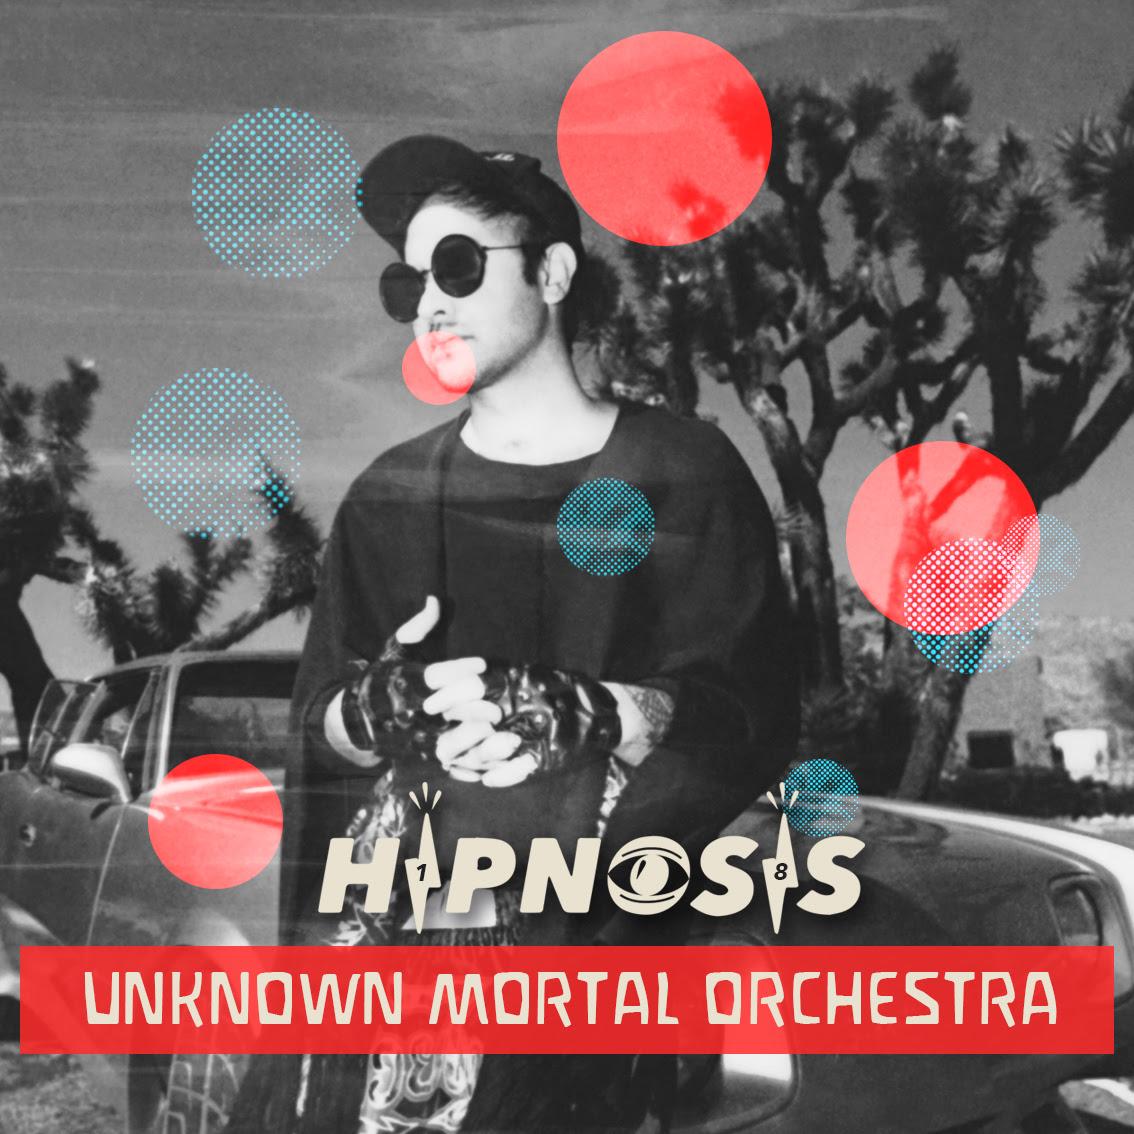 HIPNOSIS PRESENTA EL PROYECTO UNKNOWN MORTAL ORCHESTRA